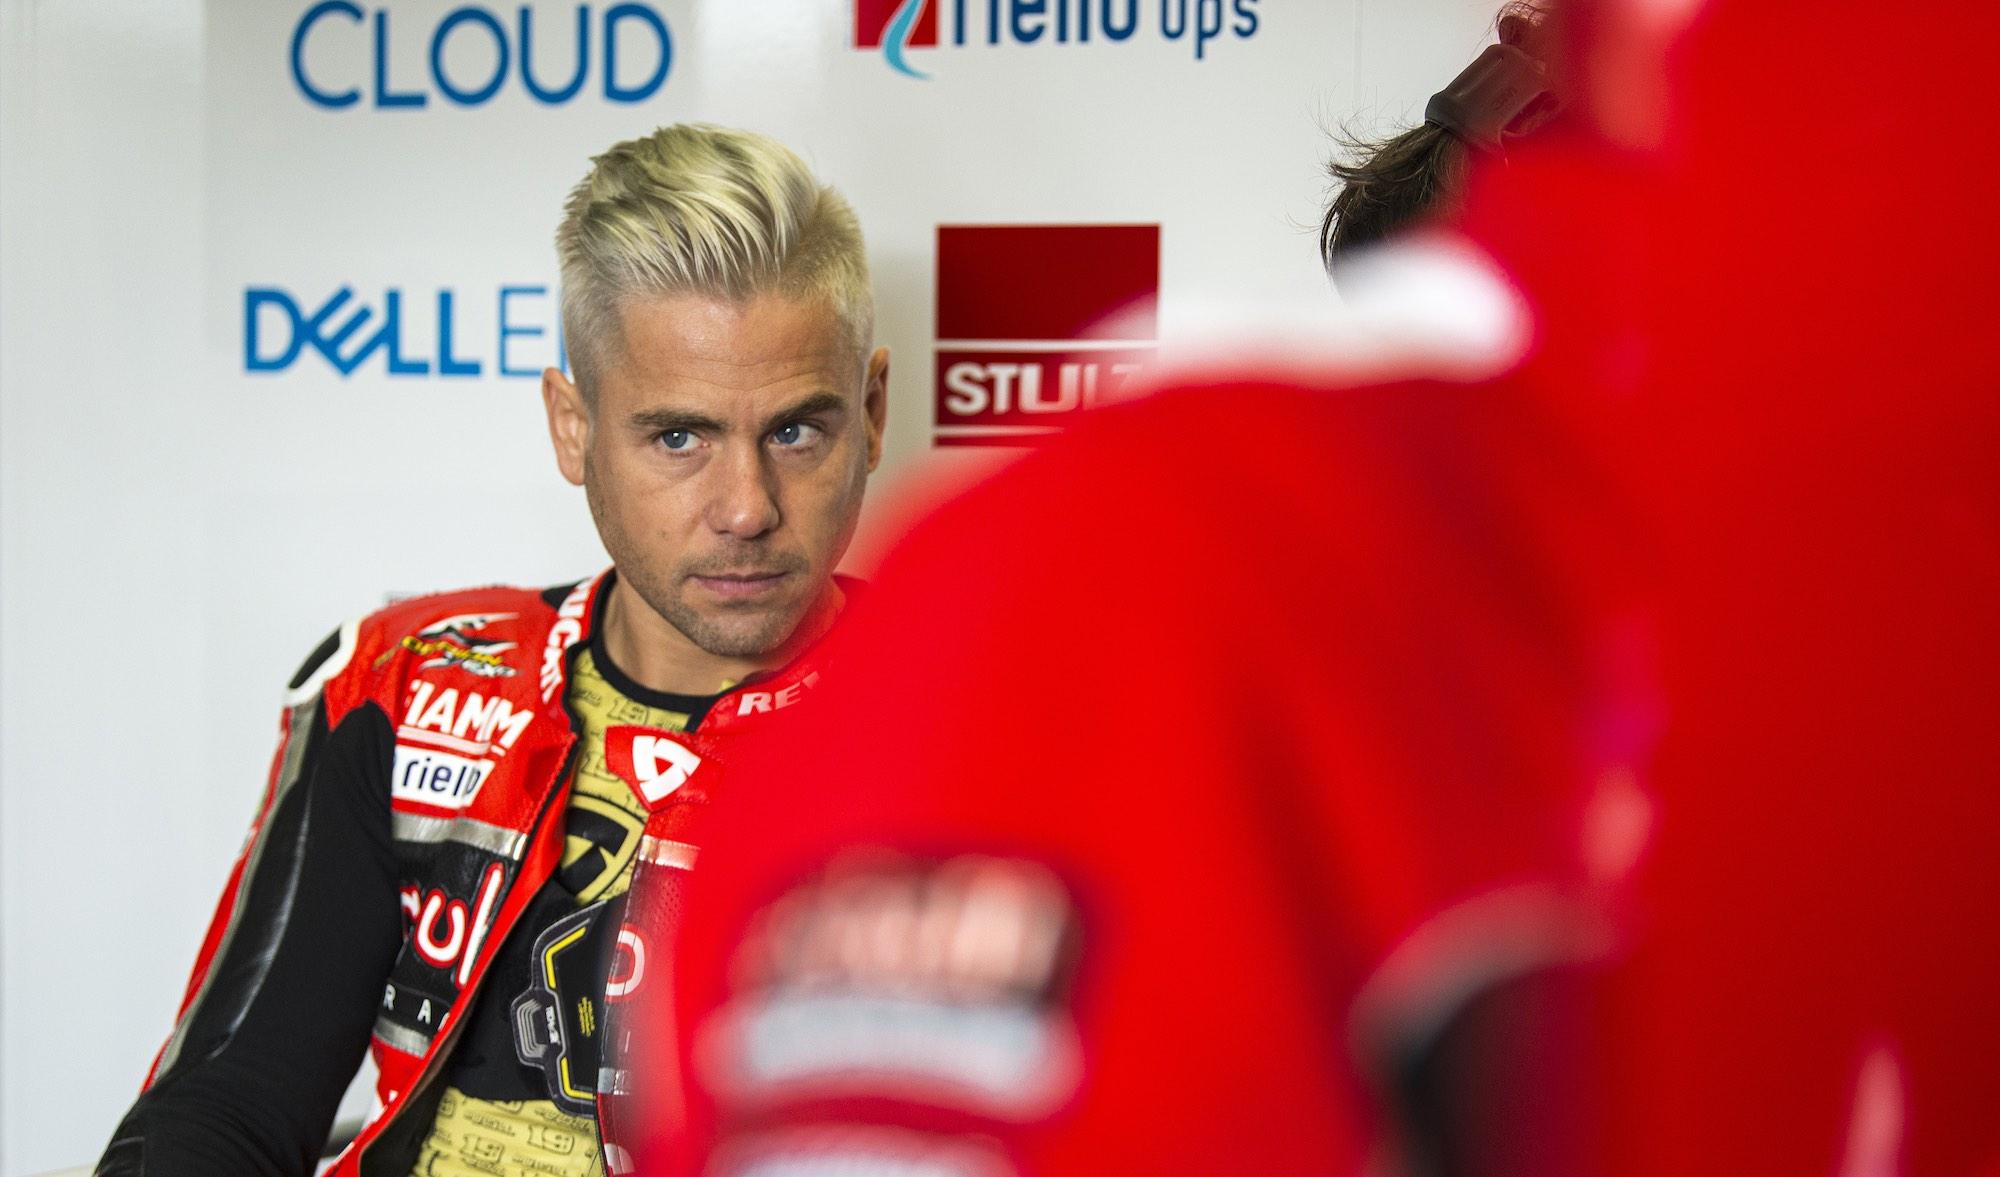 Álvaro Bautista se aleja de Ducati y suena Honda con nueva Fireblade